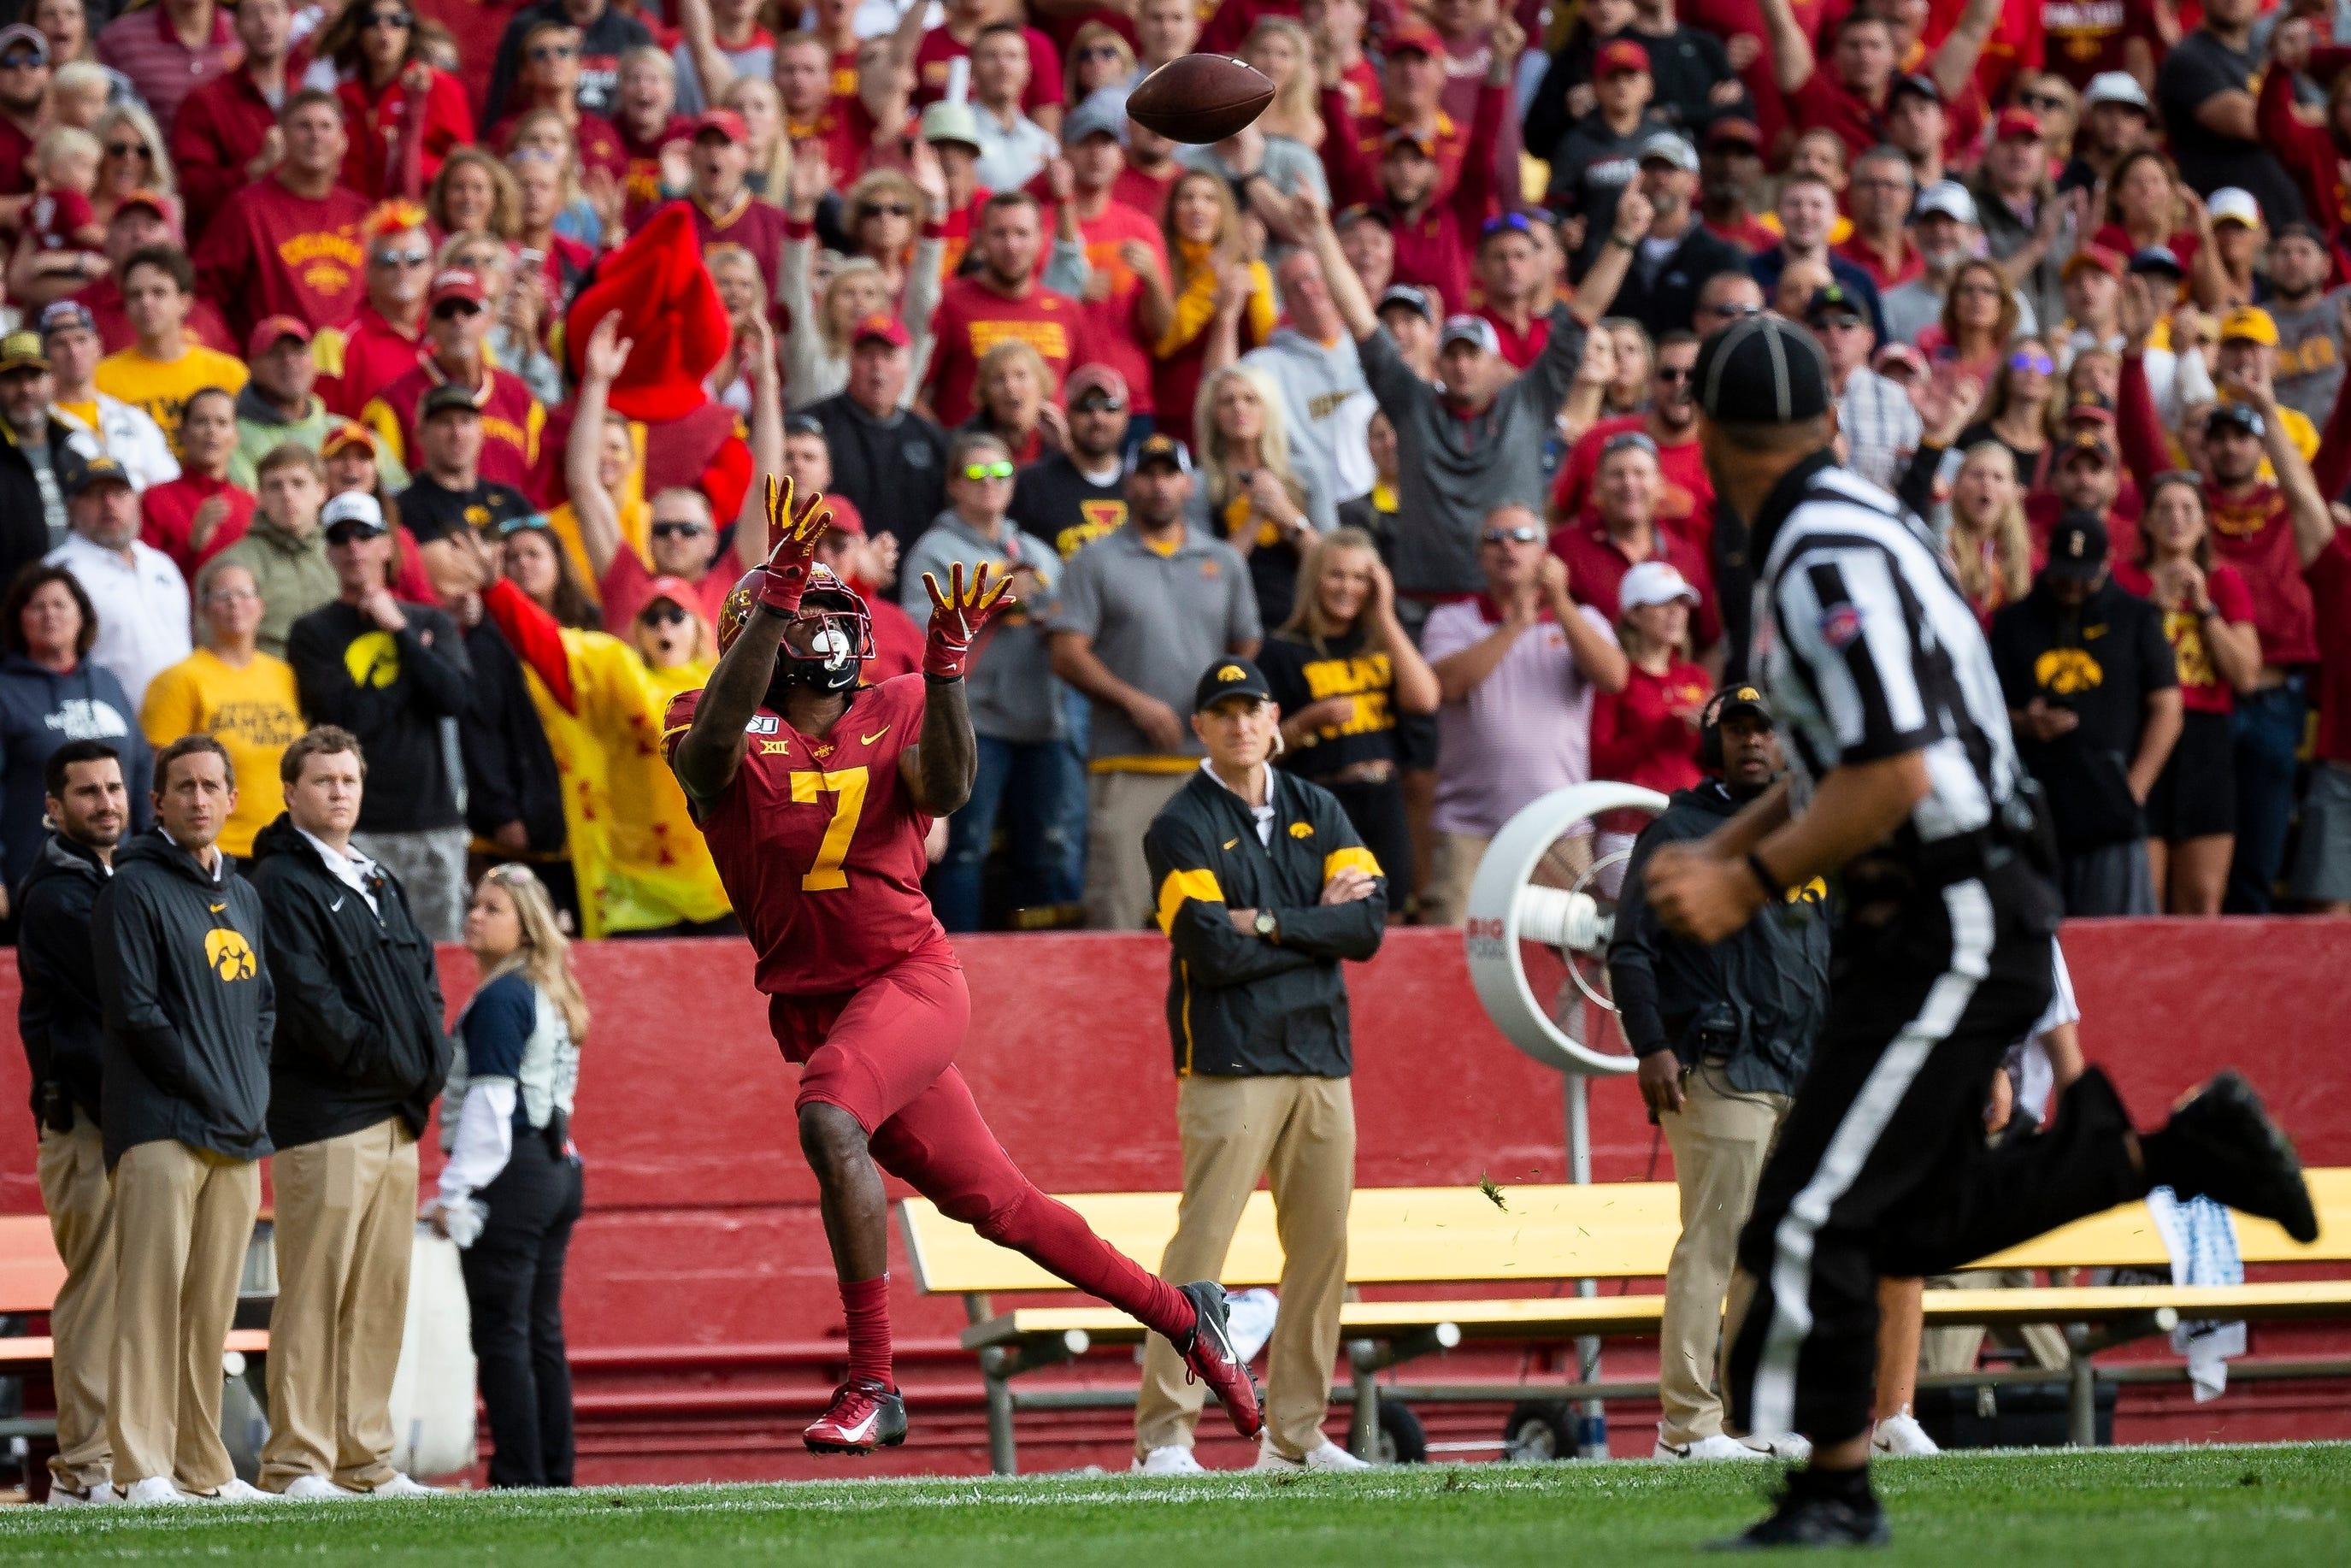 Photos: Iowa State Cyclones wide receiver La'Michael Pettway